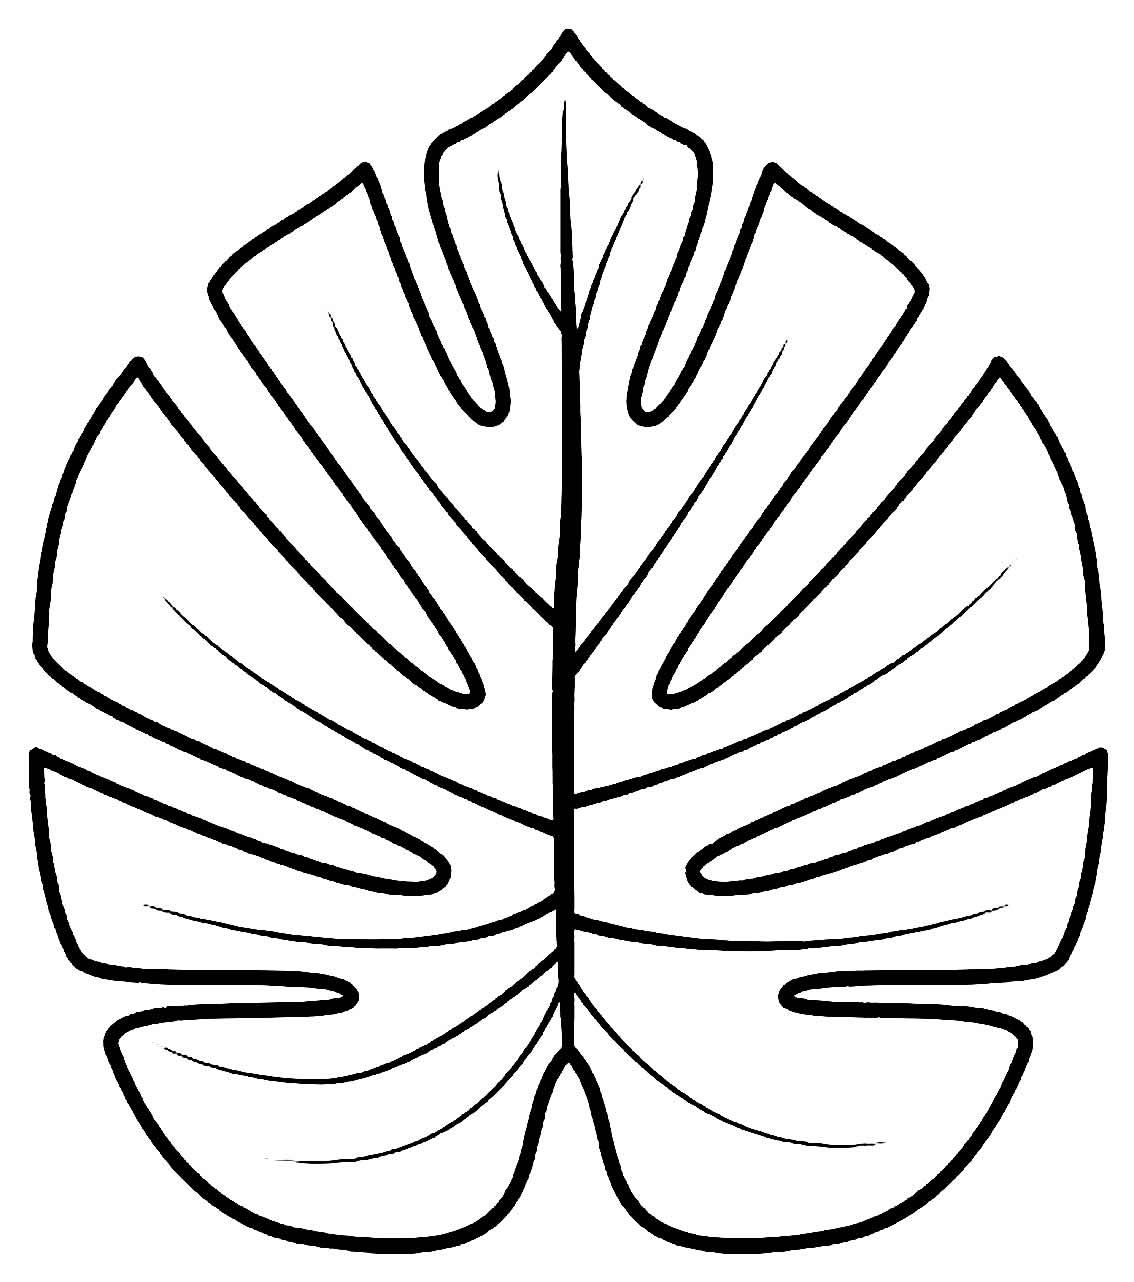 Molde lindo para folha de papel